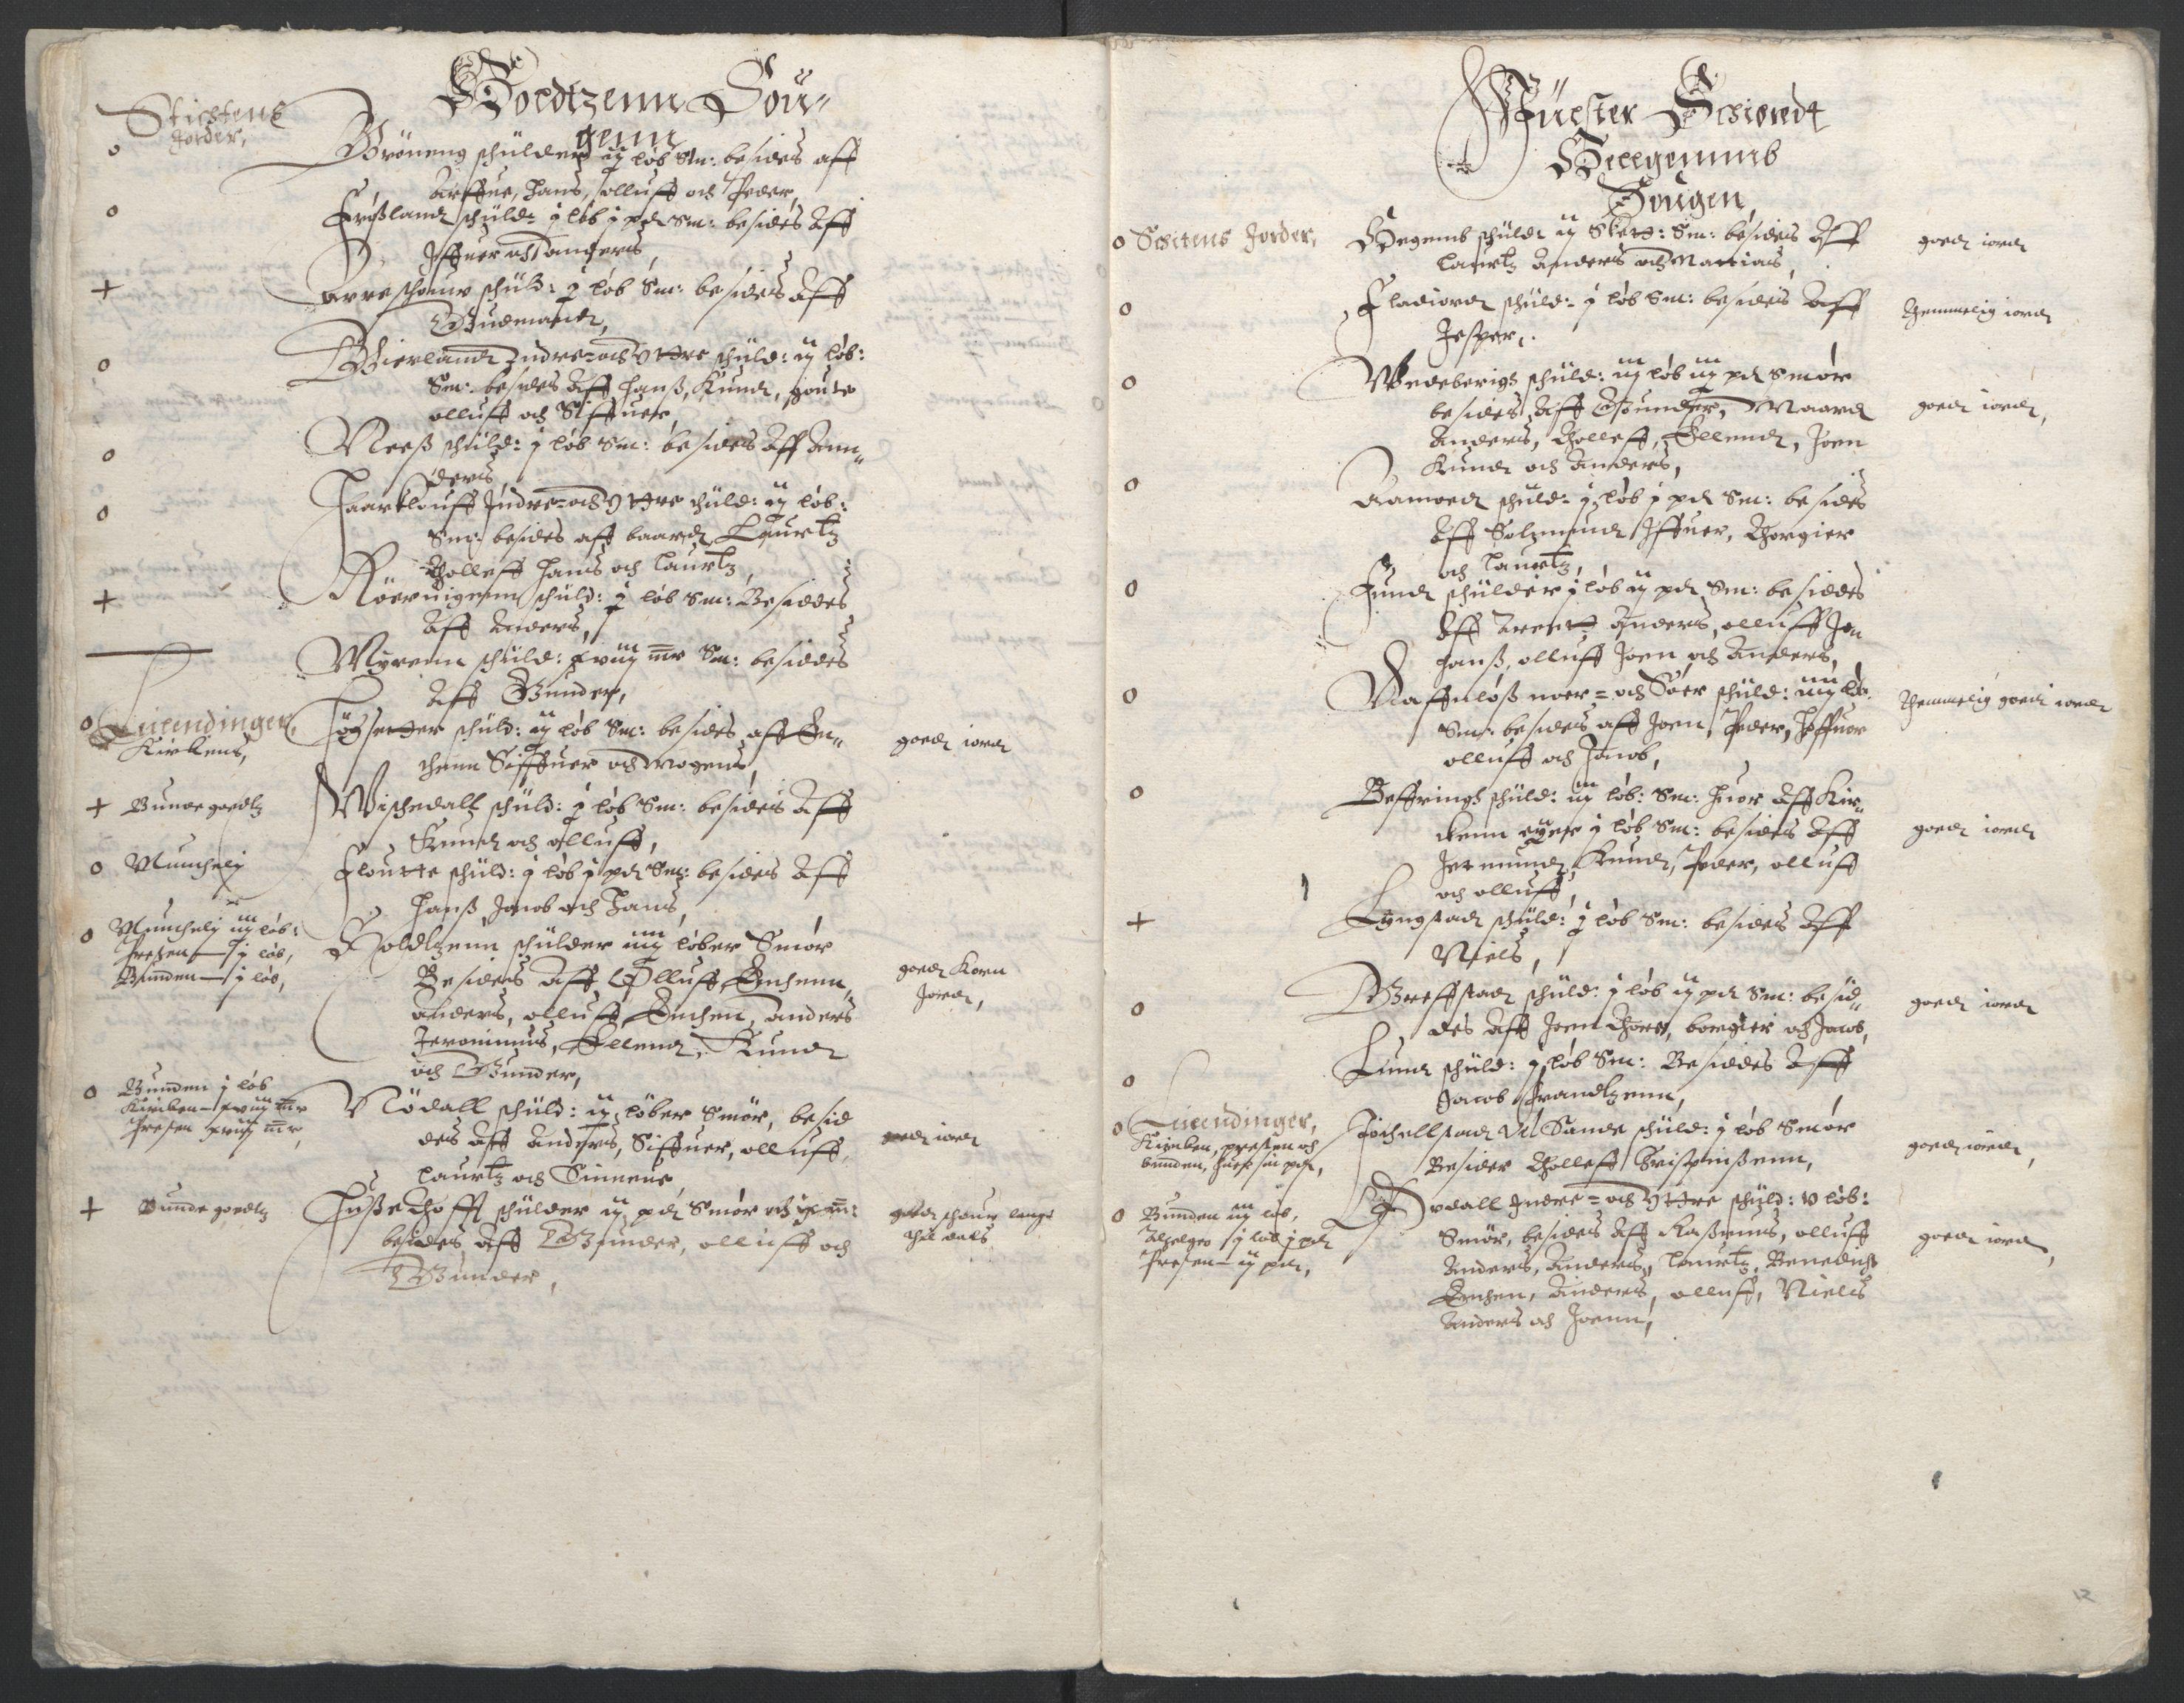 RA, Stattholderembetet 1572-1771, Ek/L0005: Jordebøker til utlikning av garnisonsskatt 1624-1626:, 1626, s. 14